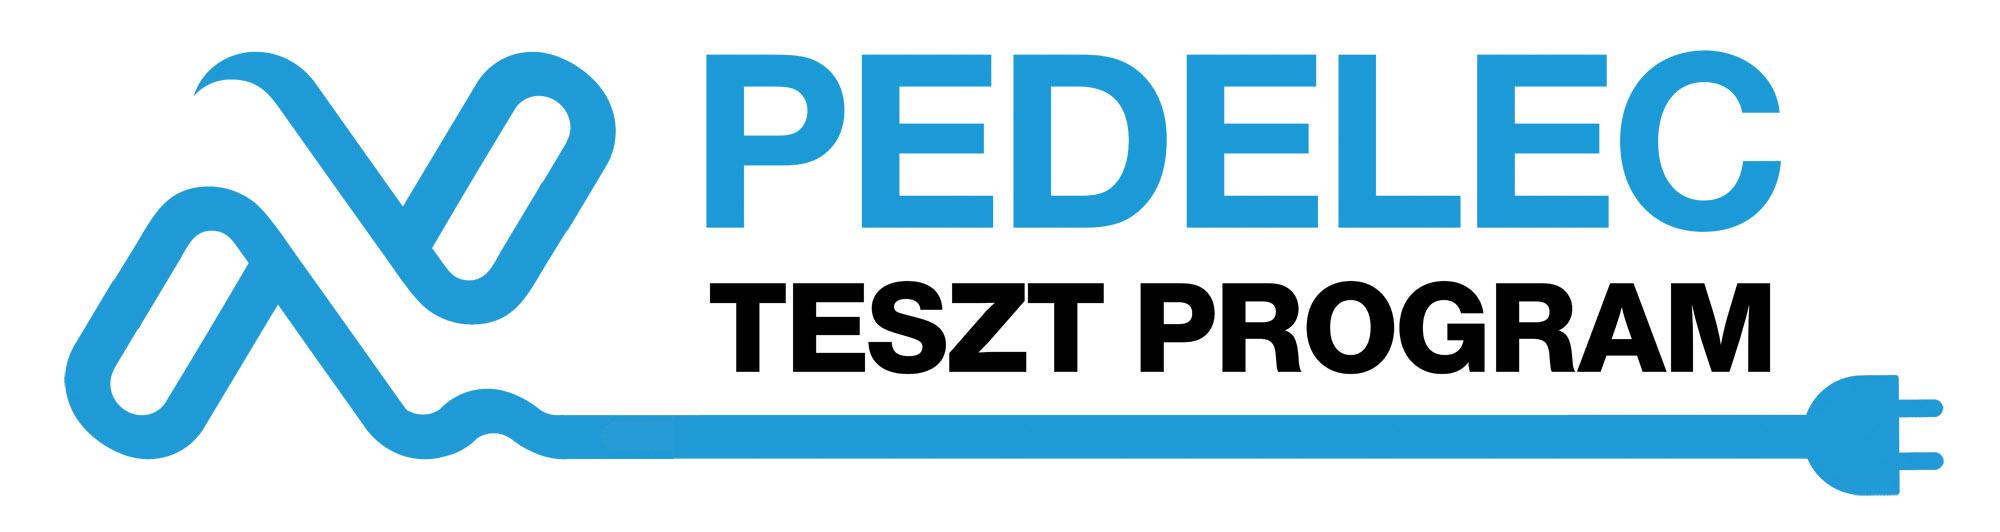 Neuzer Pedelec teszt program